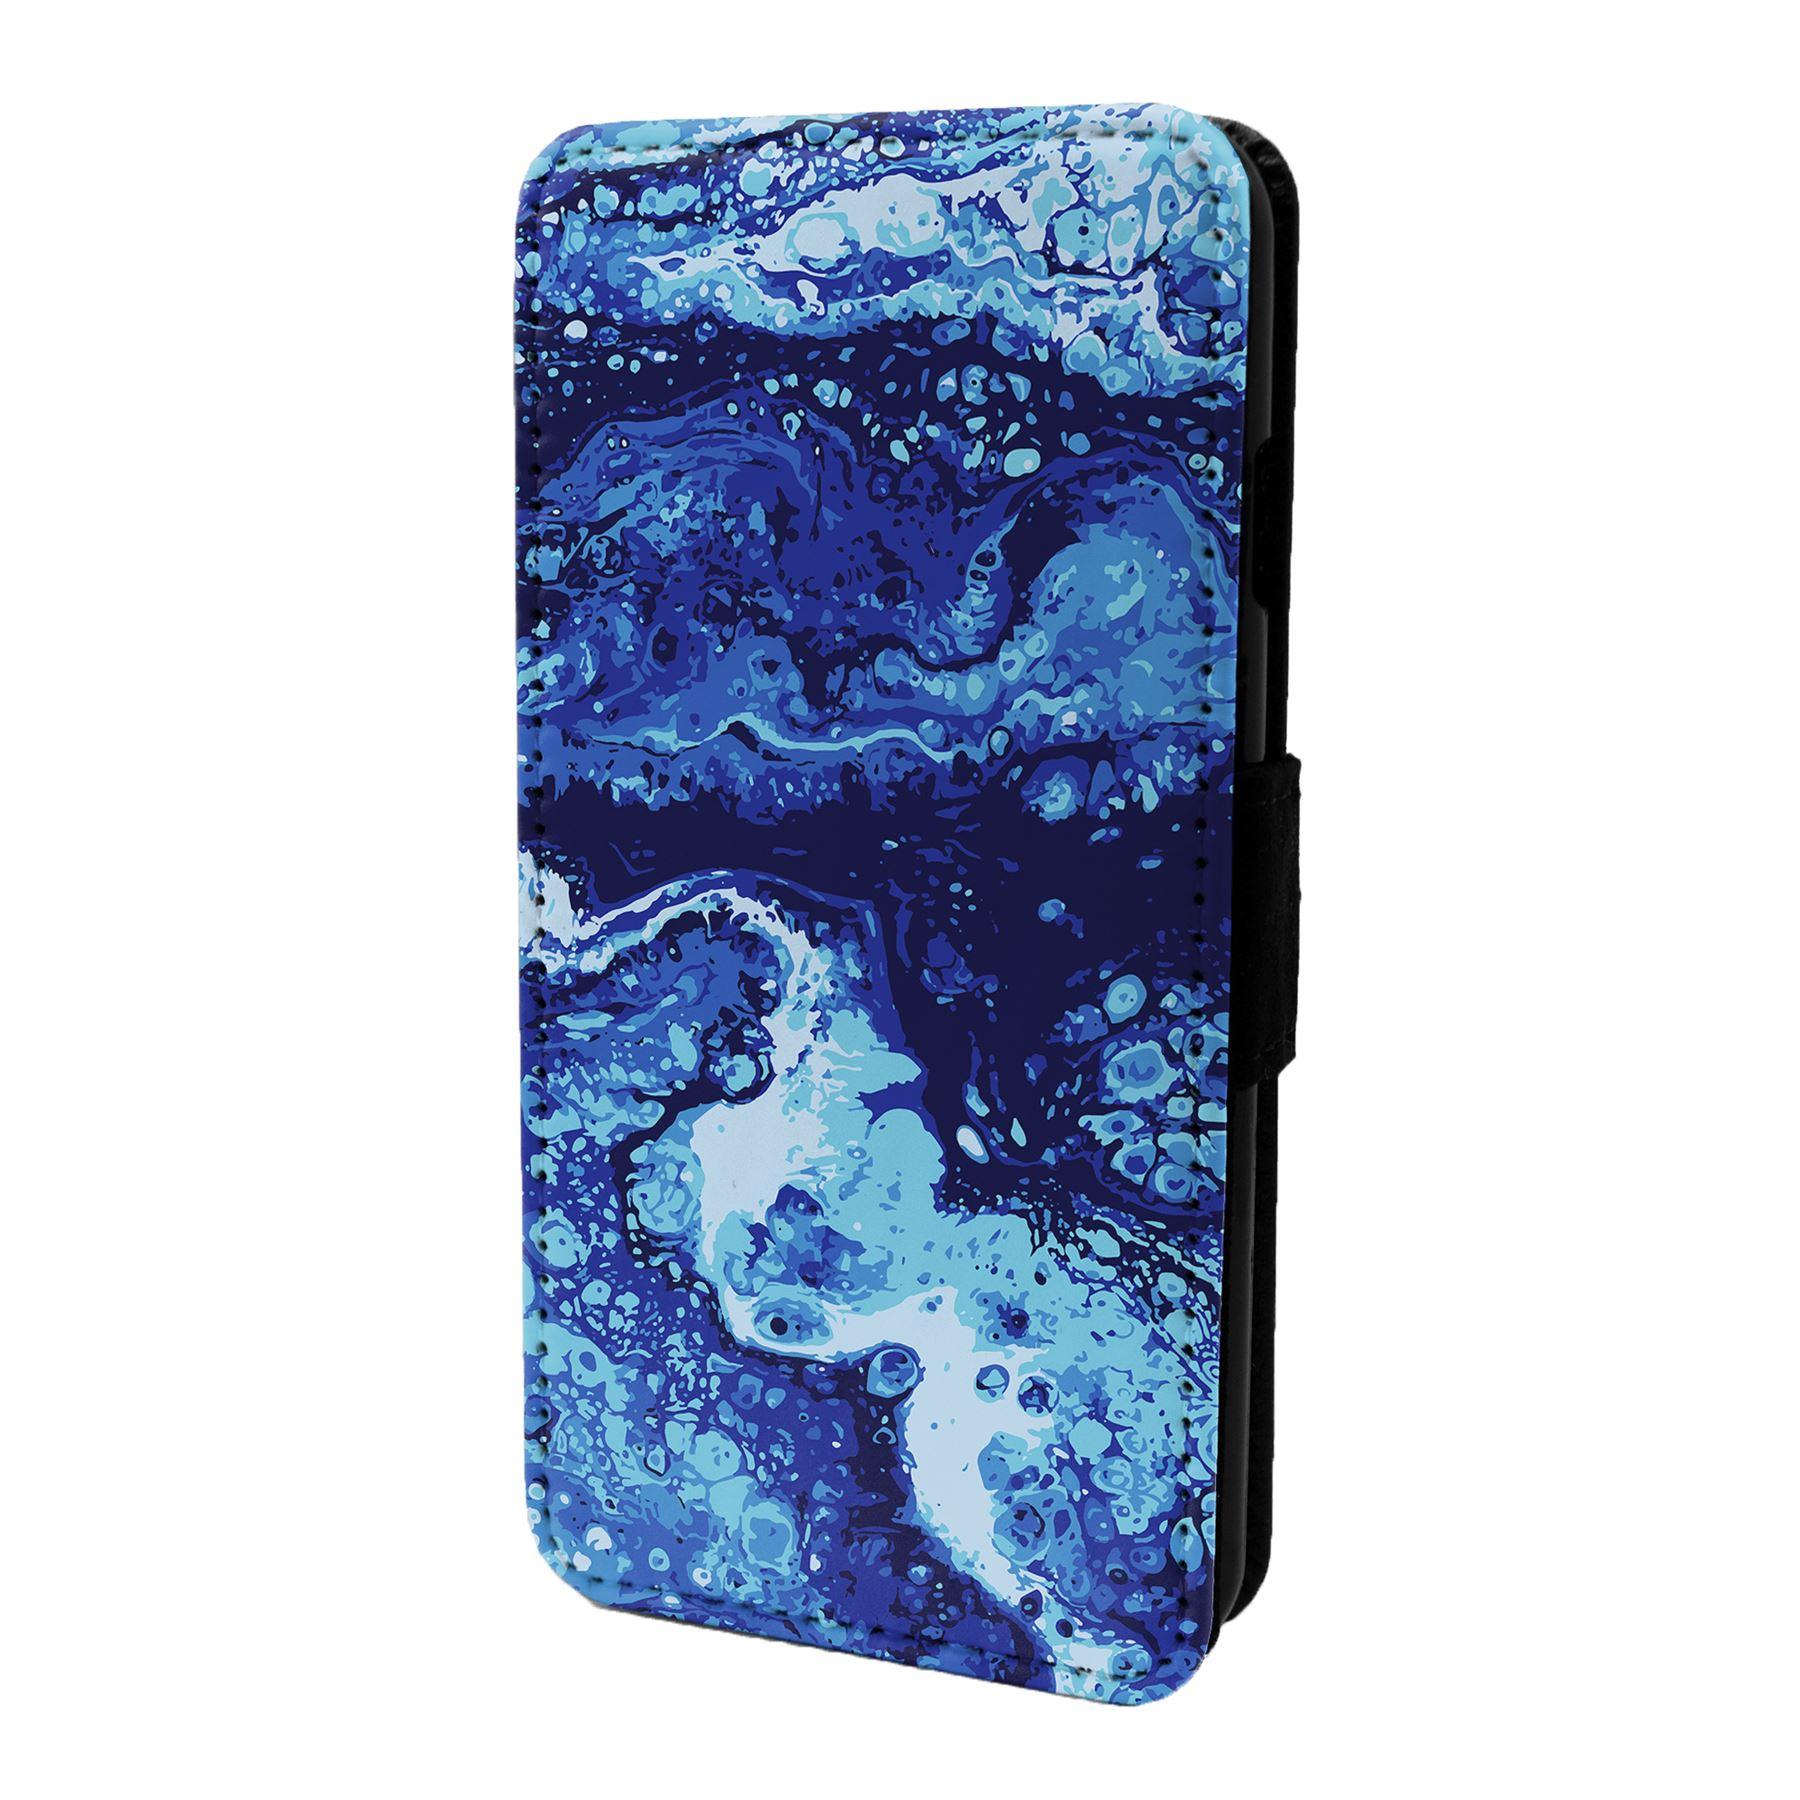 Marmol-Piedra-Estampado-Funda-Libro-para-Telefono-Movil-S6957